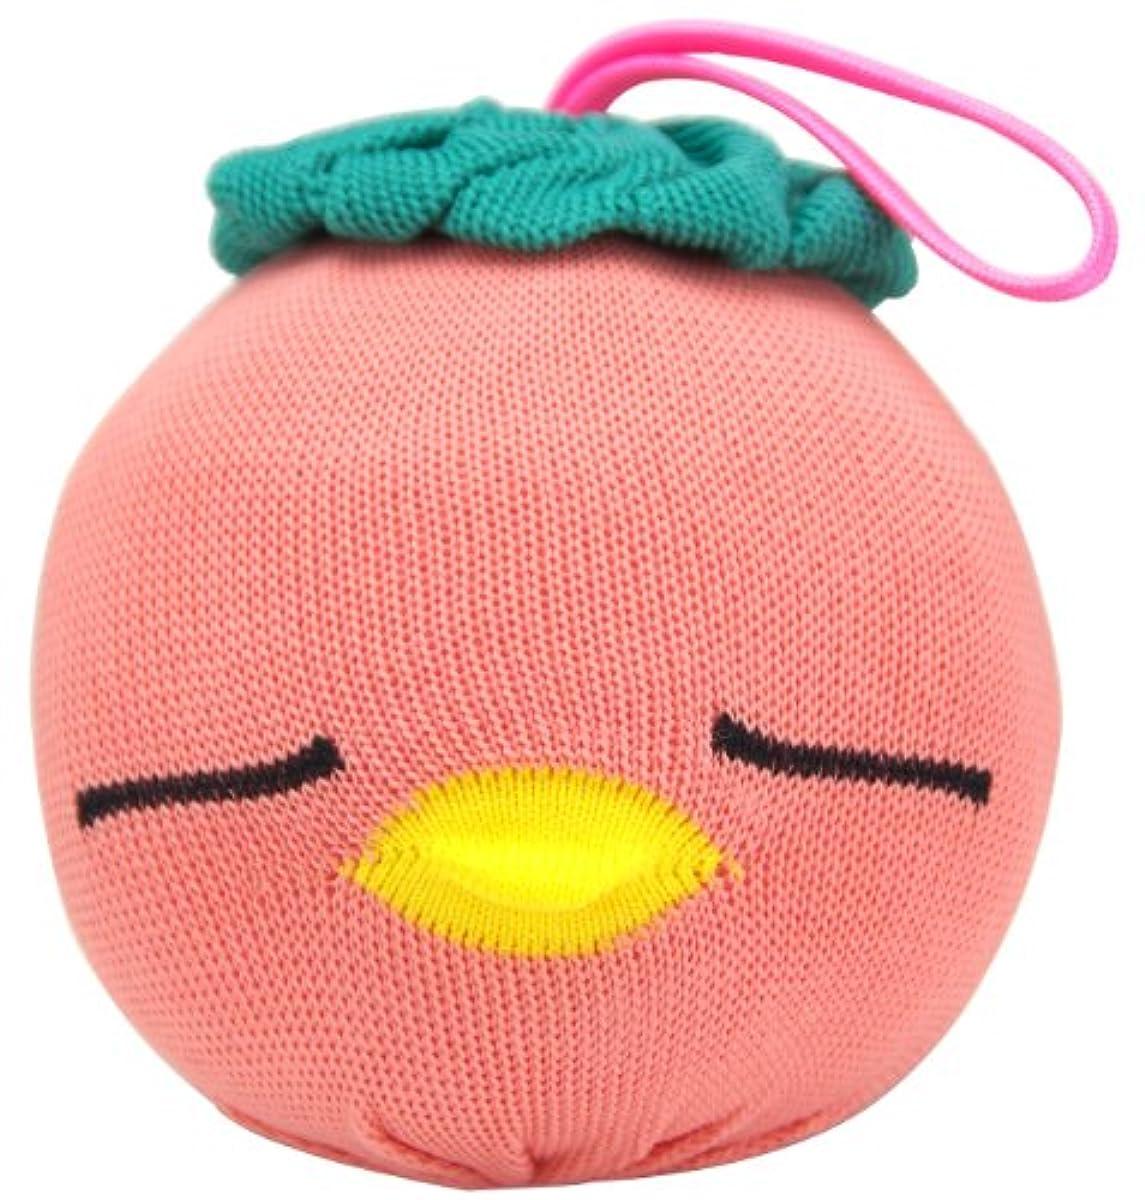 혜천상사 《아카팟쿤》 세탁용 핑크-